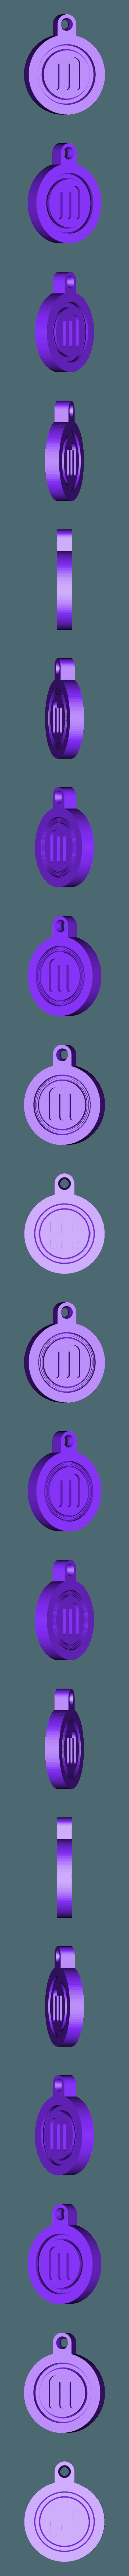 M_key_fob.stl Télécharger fichier STL gratuit Porte-clés rotatif / Fob.... avec logo MakerBot tournant ! • Objet pour imprimante 3D, Muzz64